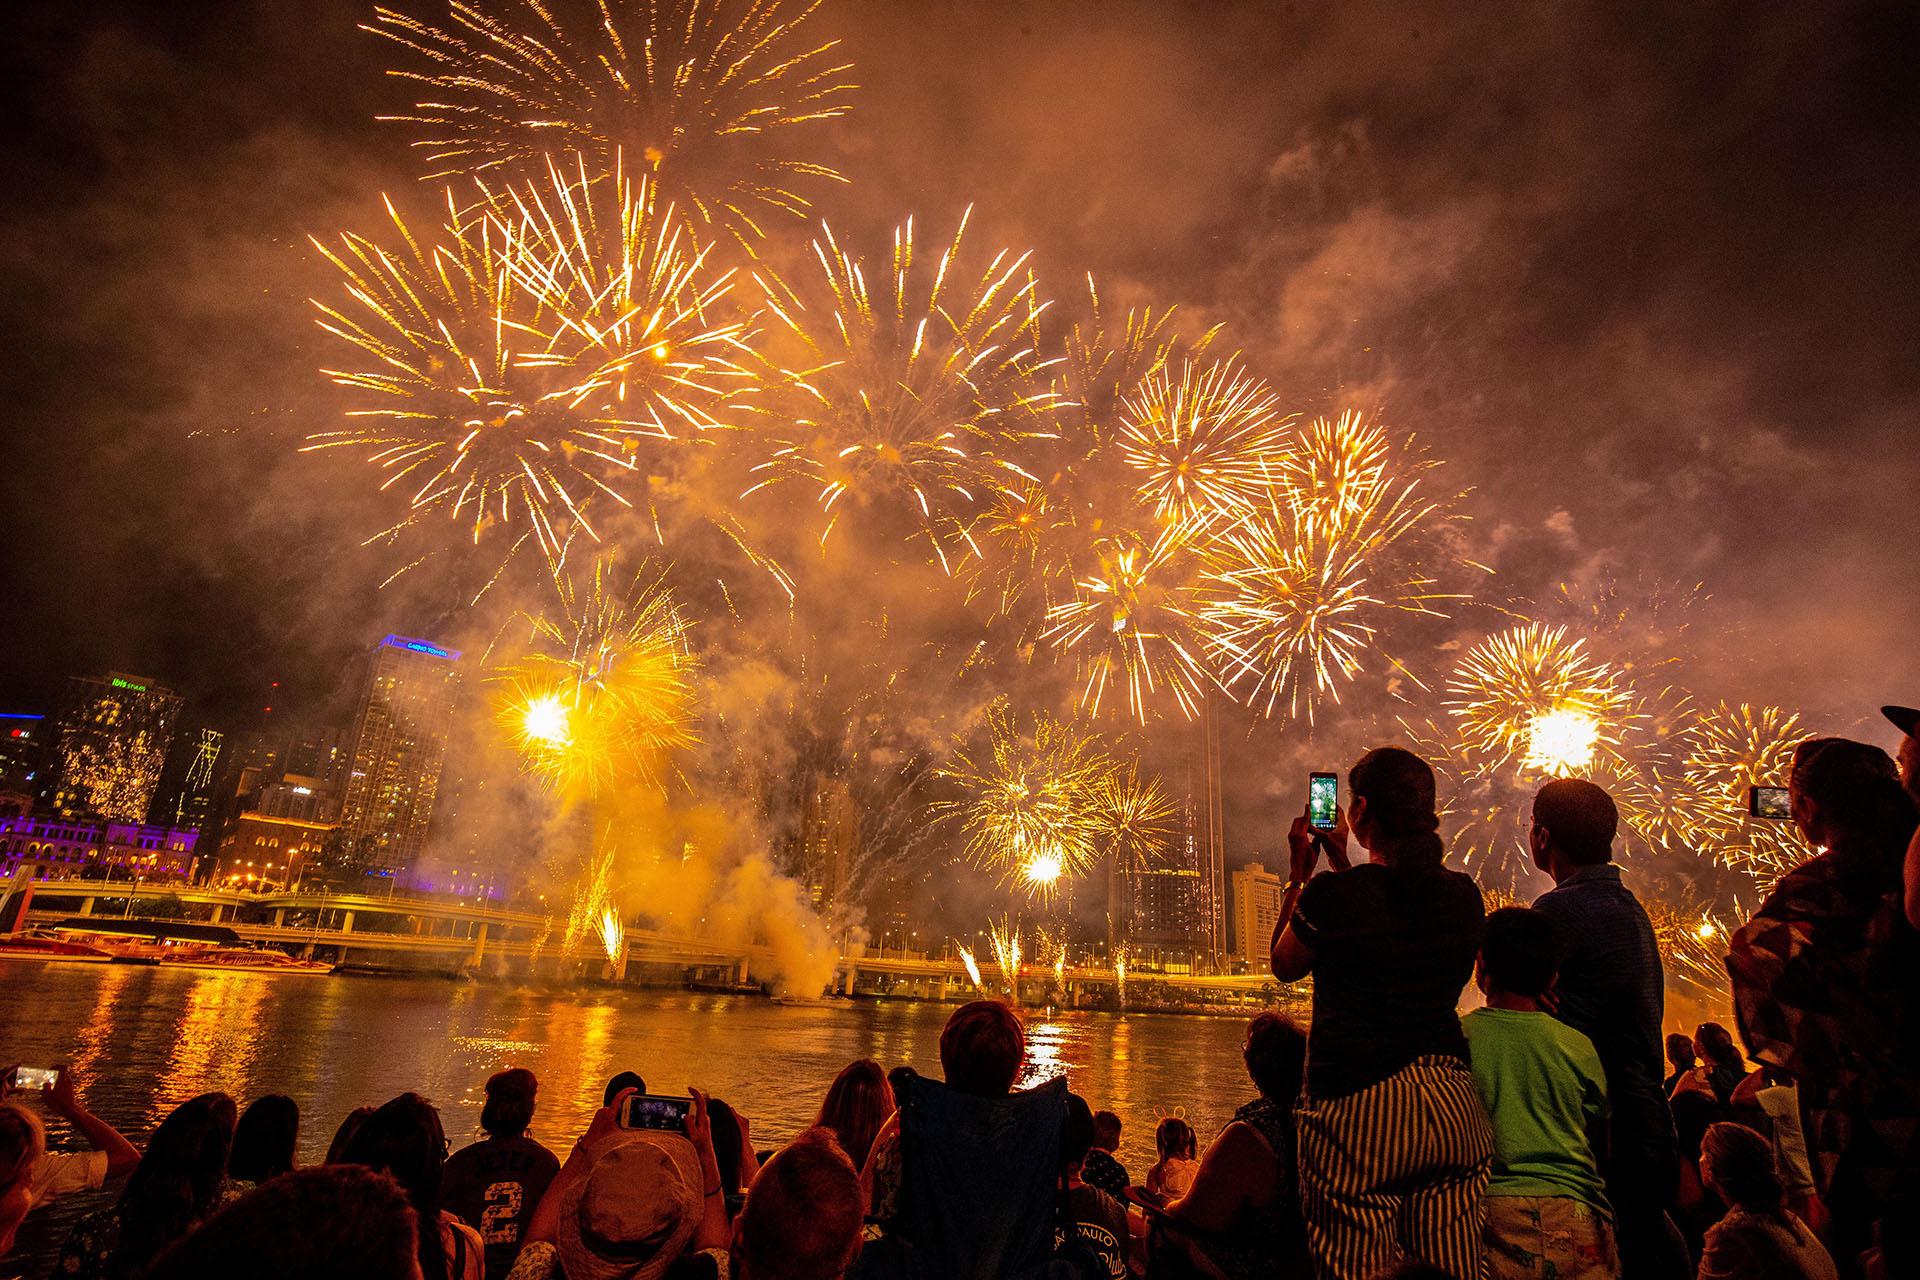 La gente ve los primeros fuegos artificiales antes de la víspera de Año Nuevo sobre el río Brisbane en Southbank en Brisbane, Queensland, Australia